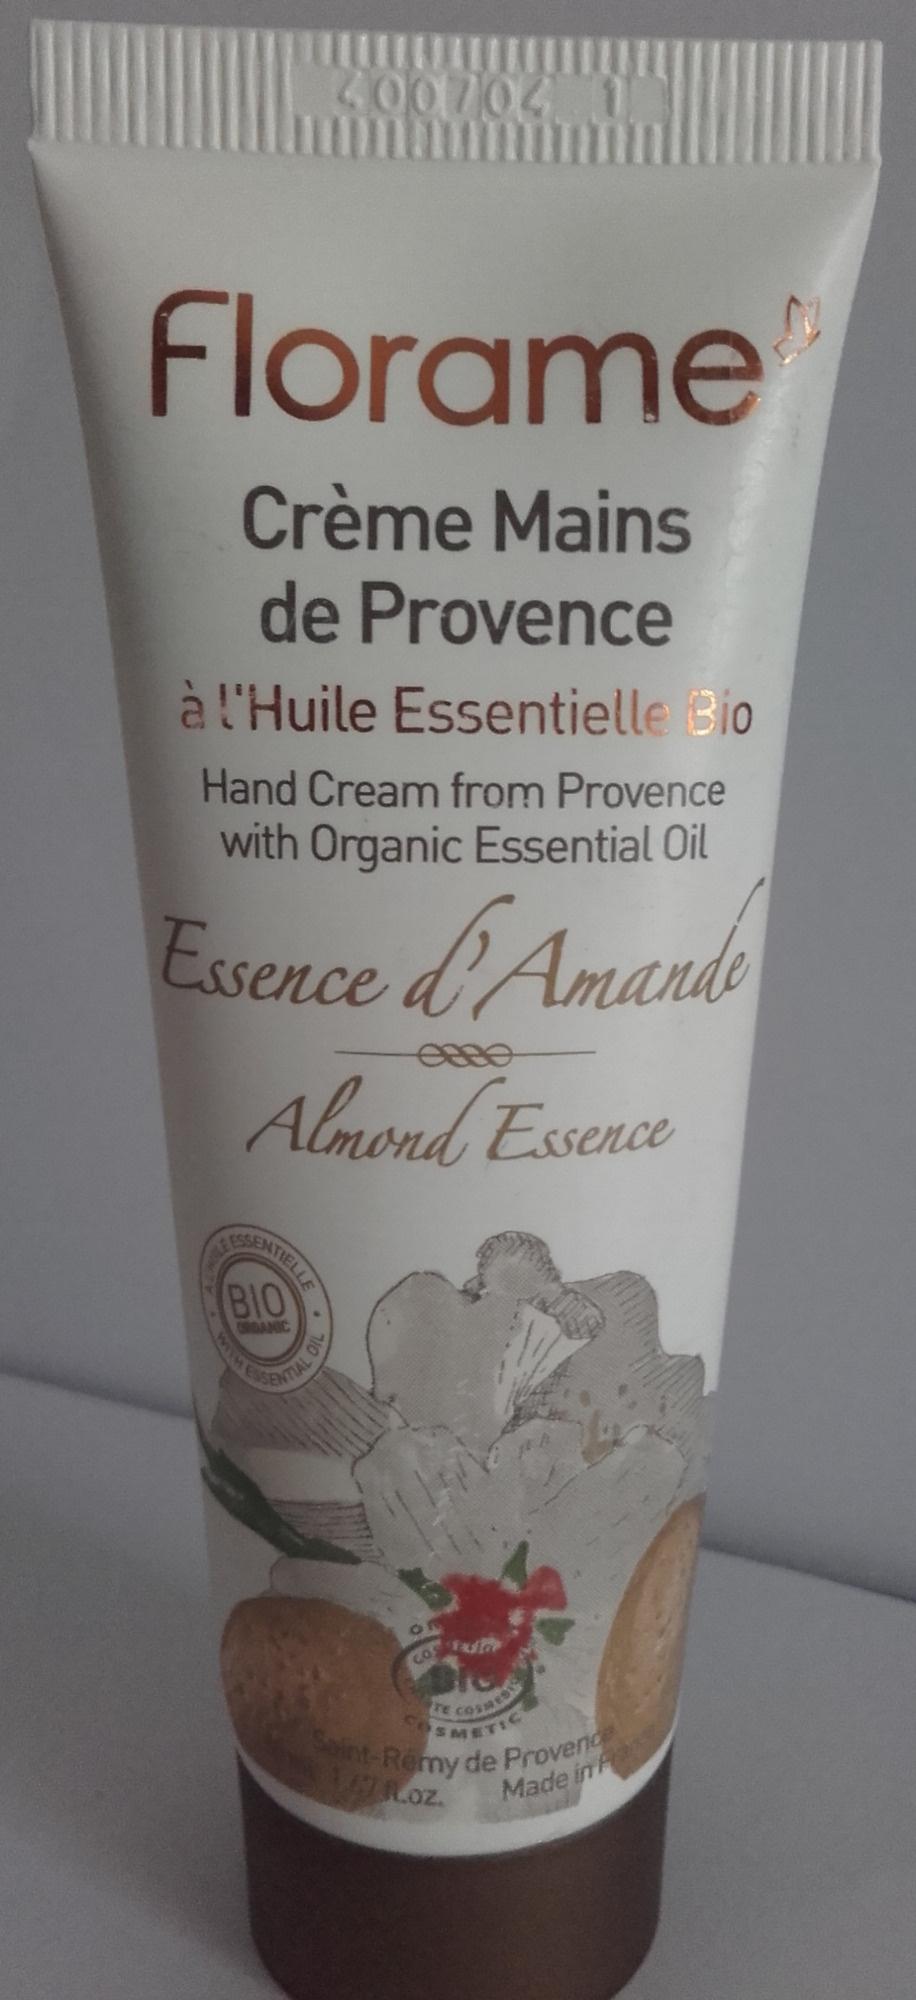 Crème mains de Provence Essence d'amande - Product